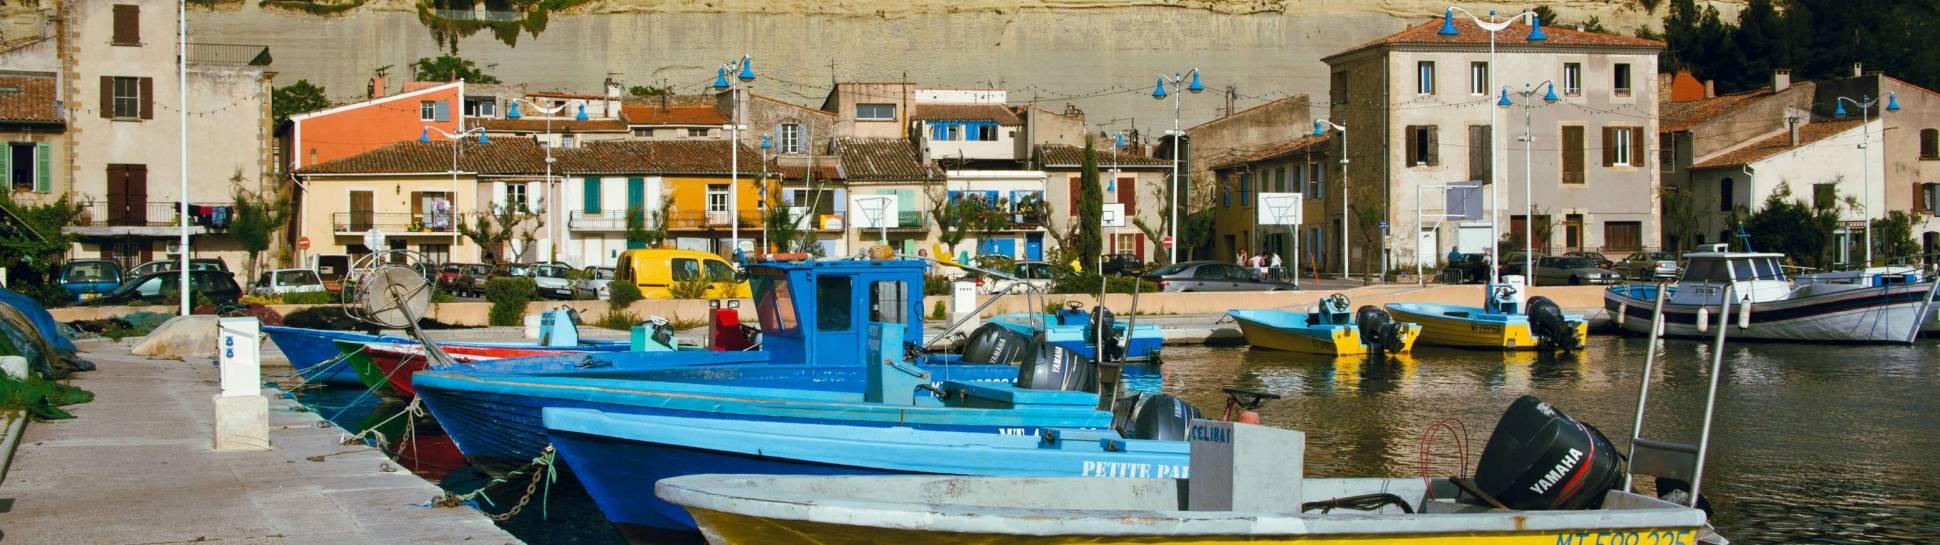 Port et habitations troglodytiques de Saint Chamas. P. Aguilar